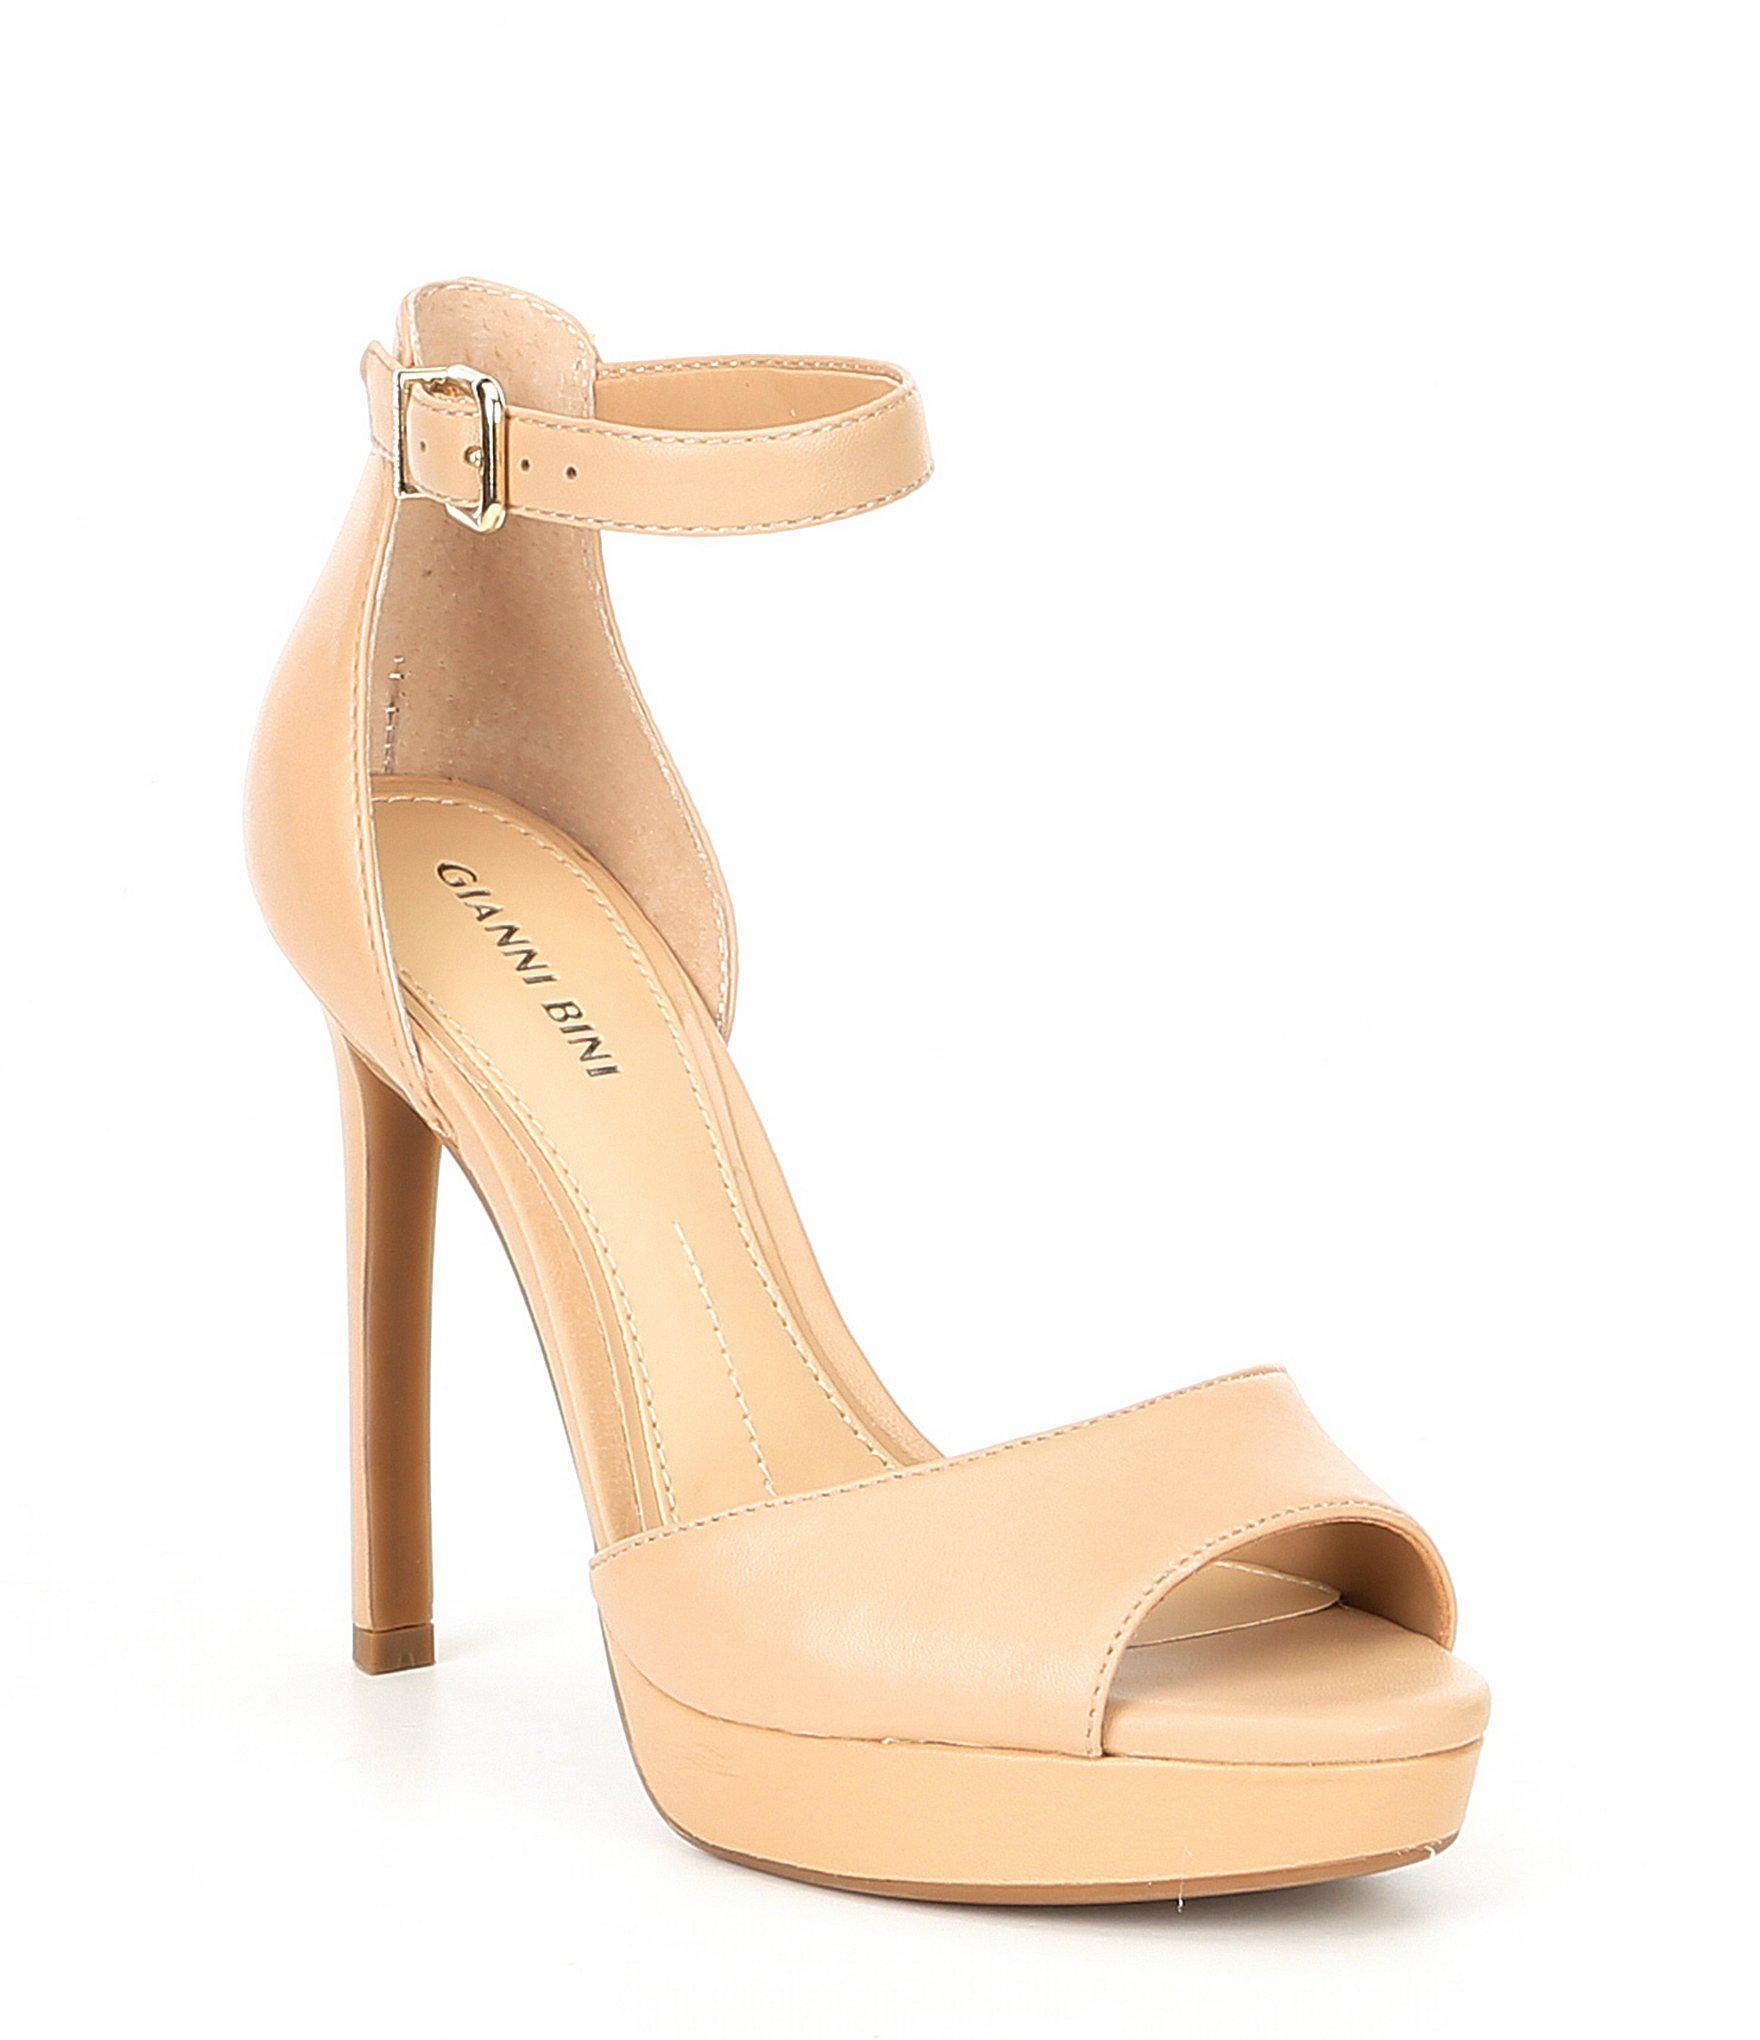 2b8c4b8cbdd Gianni Bini - Natural Austinne Platform Dress Sandals - Lyst. View  fullscreen